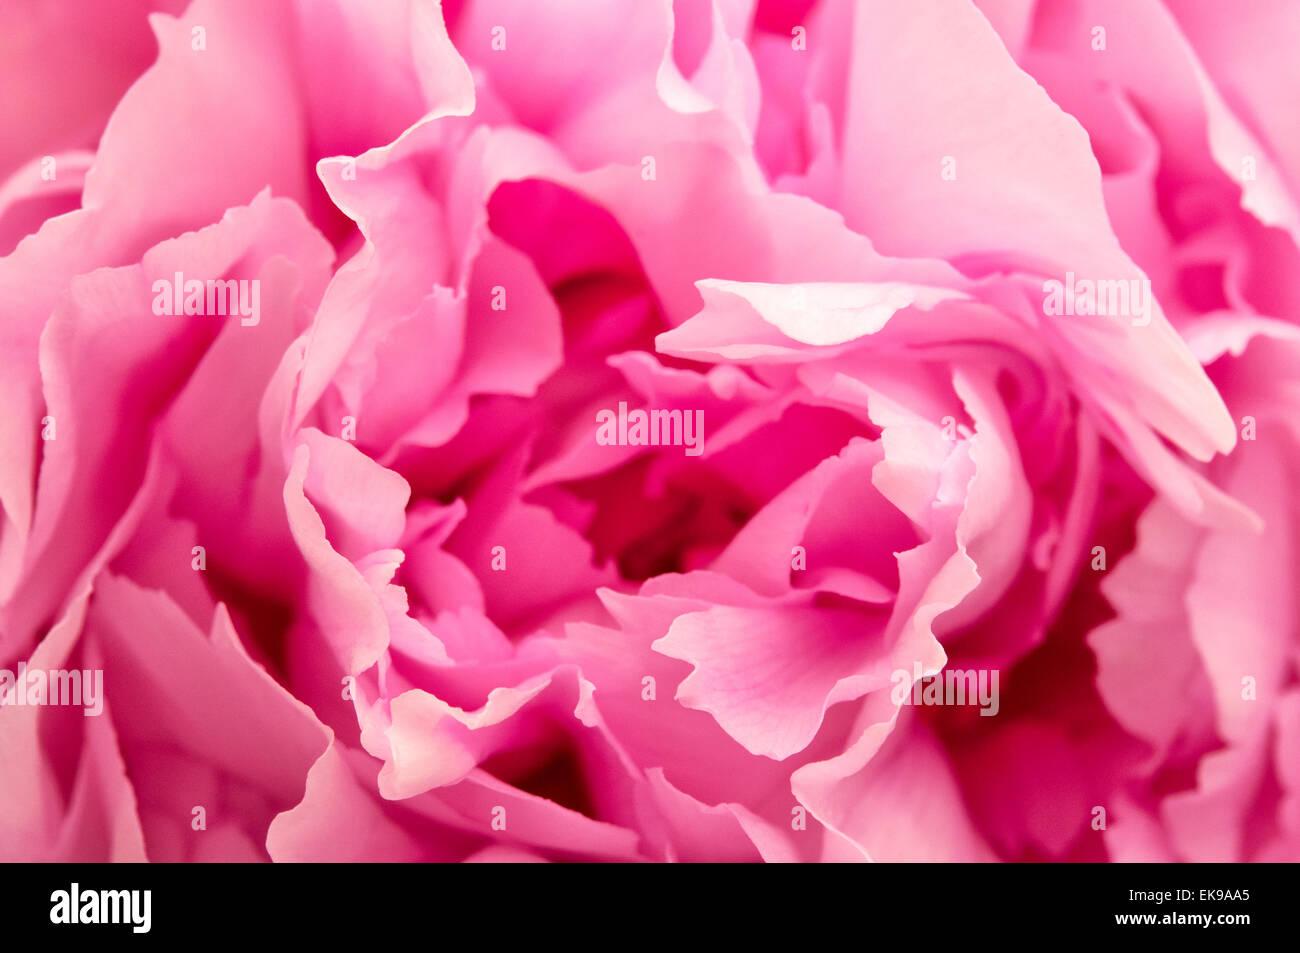 Immagine ravvicinata di un rosa peonia Immagini Stock